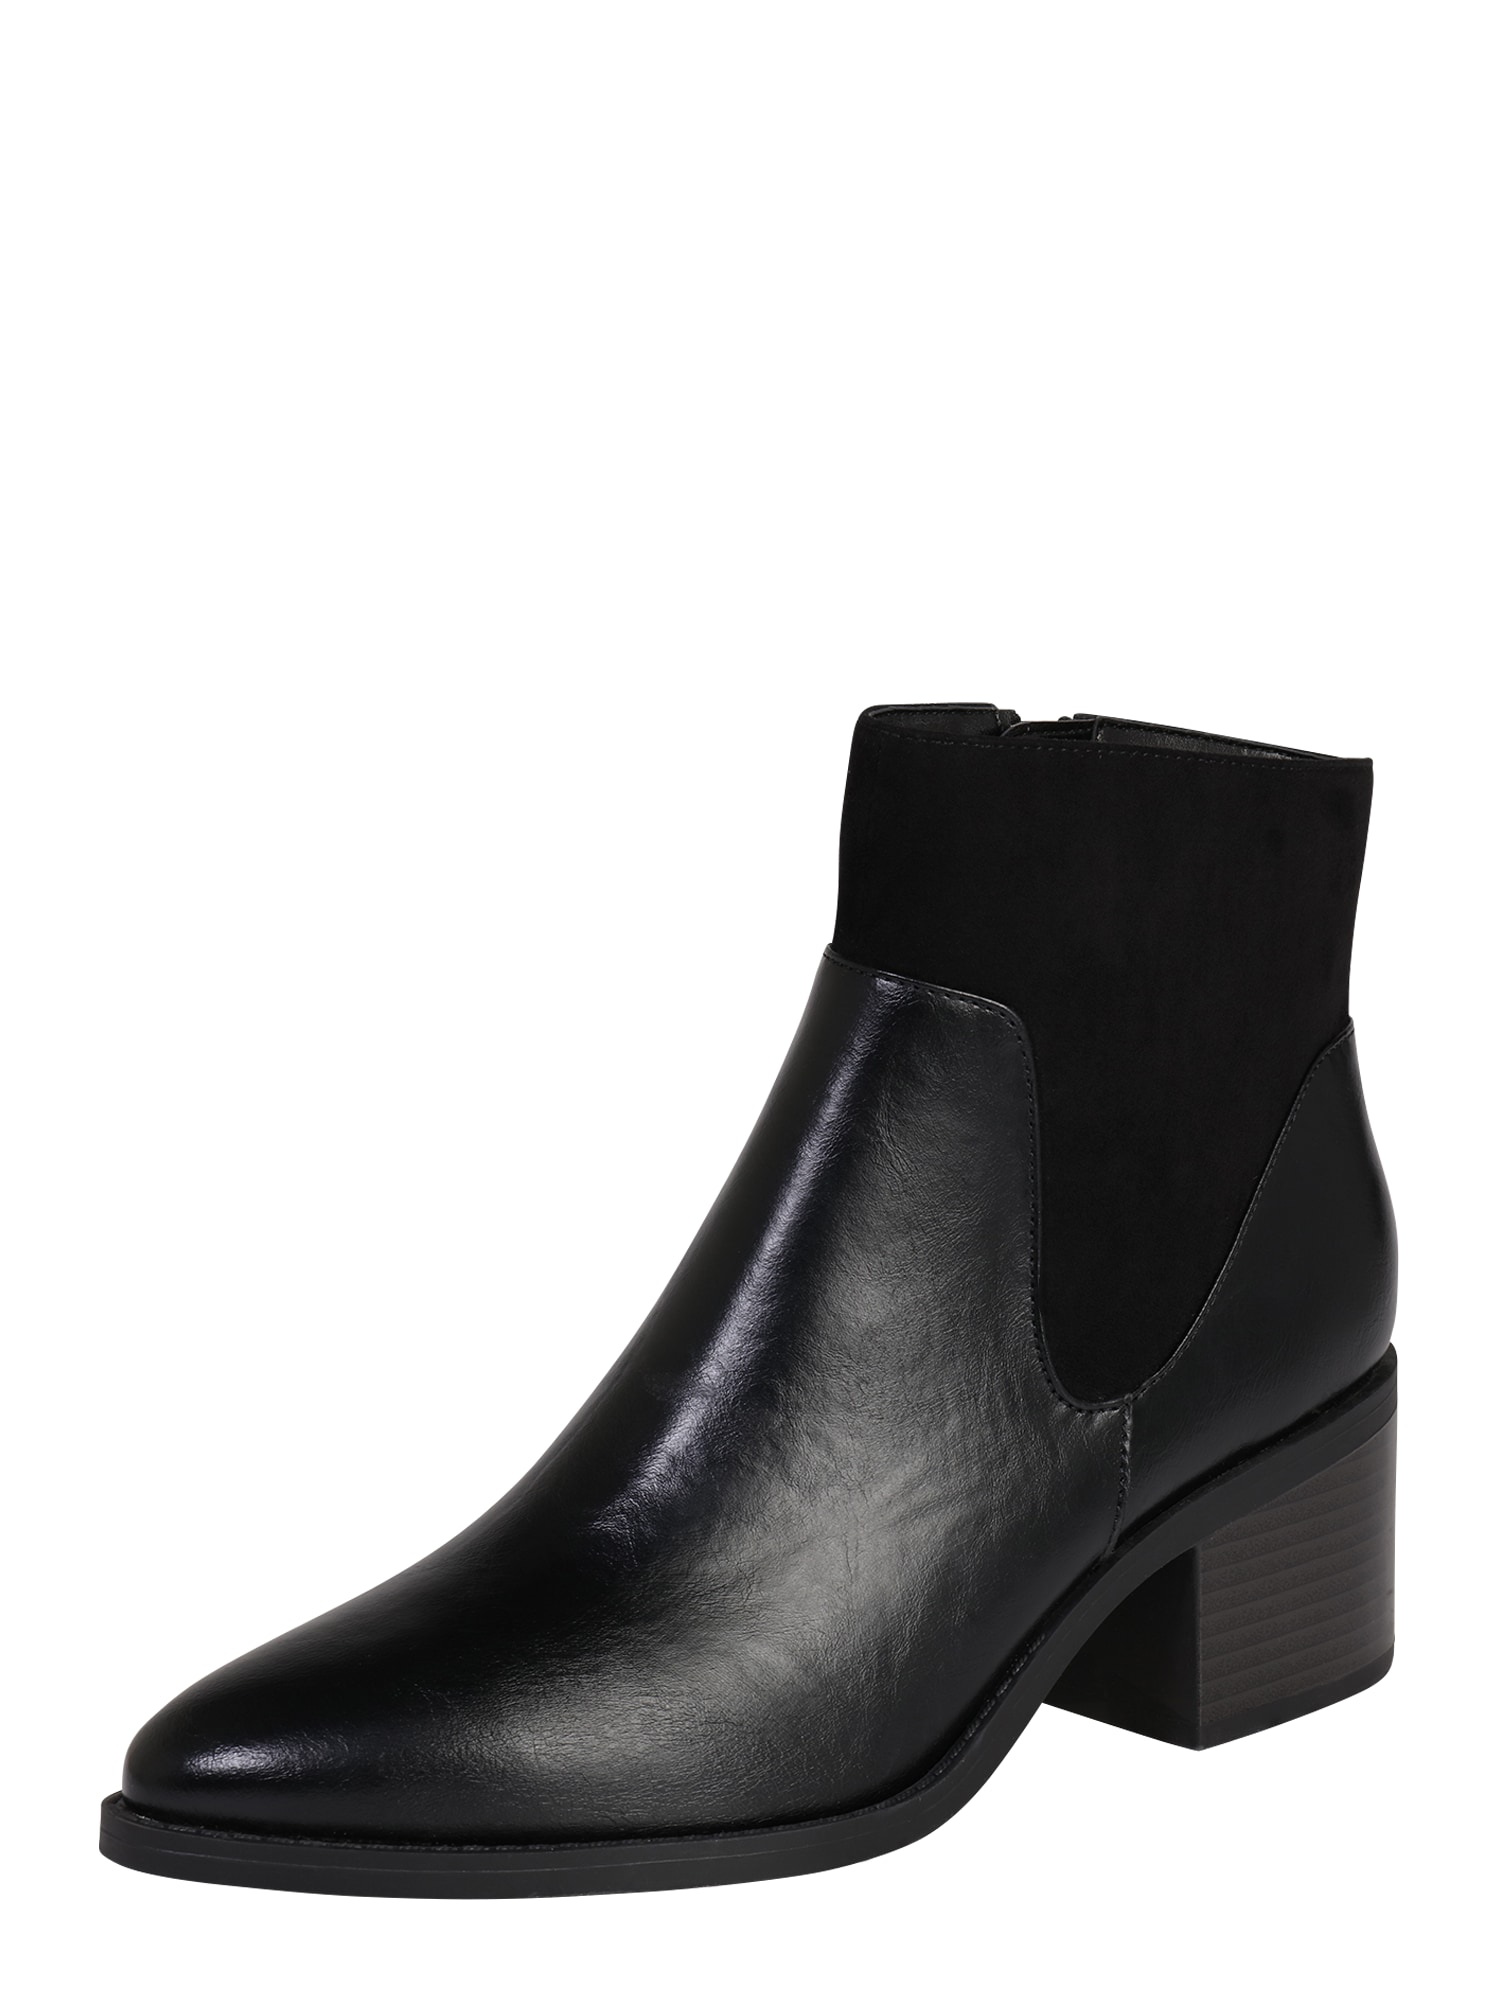 Kotníkové boty Miray černá ABOUT YOU